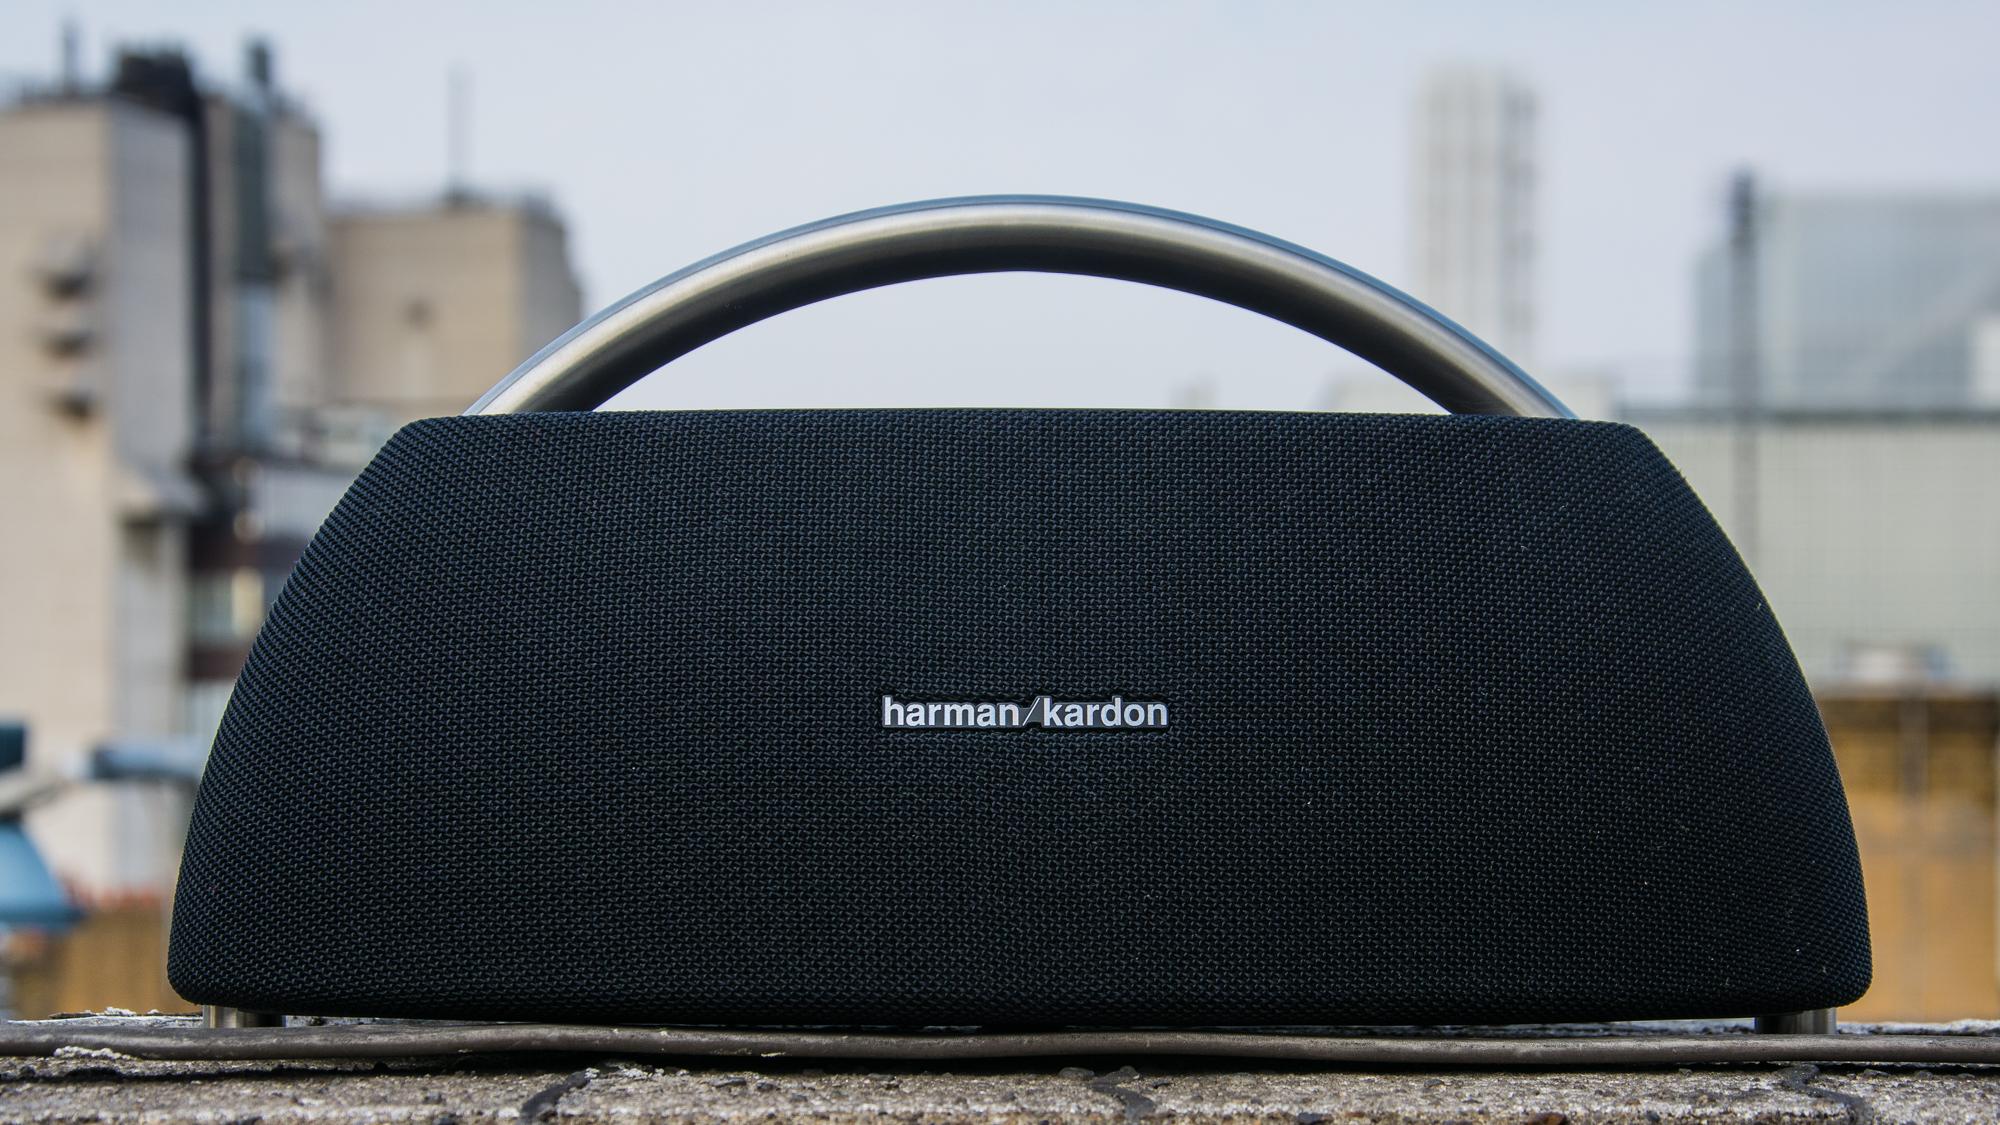 harman_kardon_go_play_1_of_4.jpg